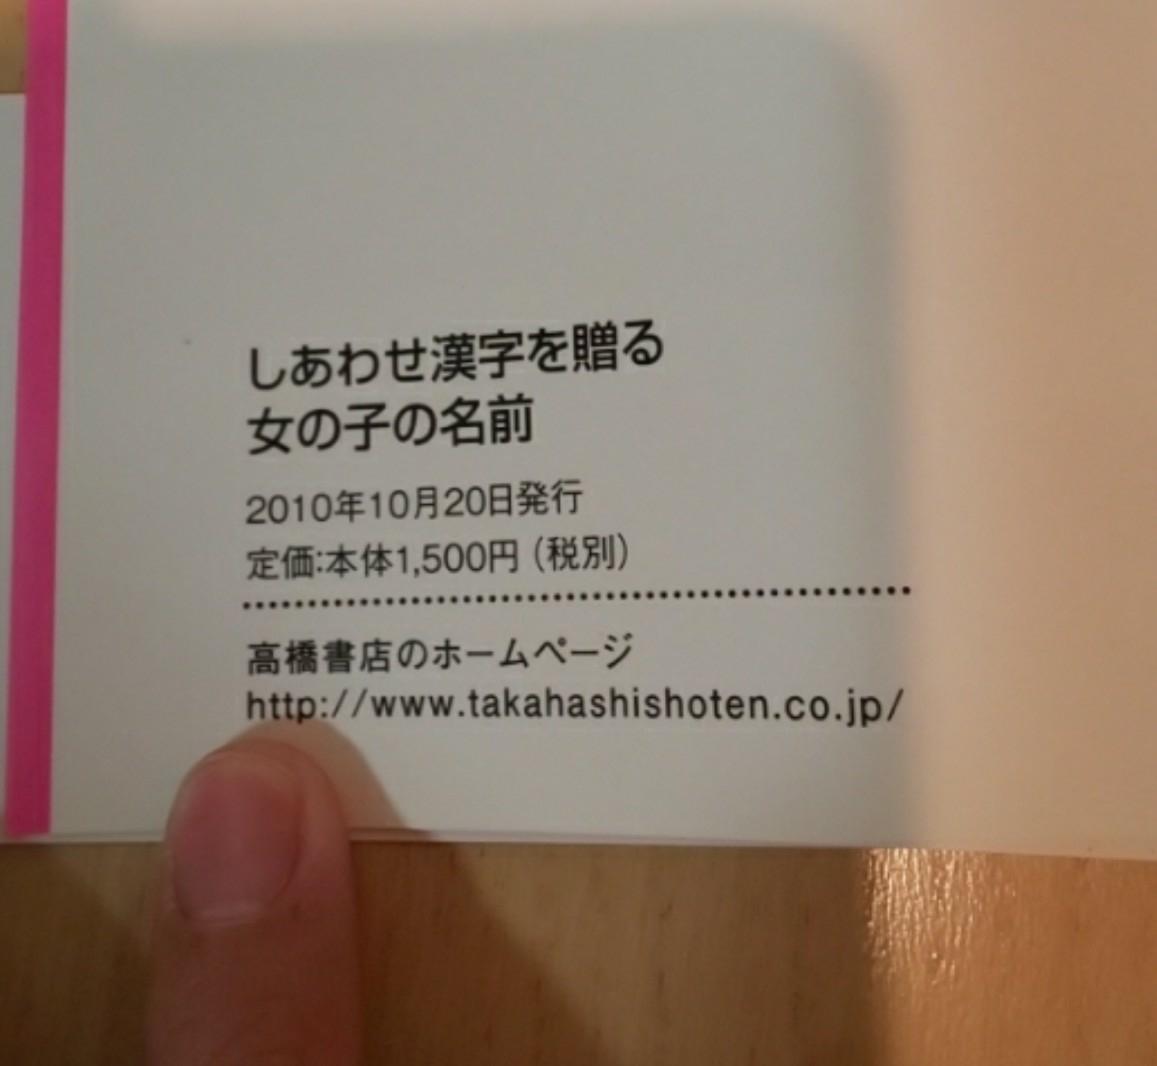 即決 送料無料 しあわせ漢字を贈る 女の子の名前 事典 辞典 名付け 名前 出産 はじめてのプレゼント 2010年発行 ※akichan7777jp※_画像4